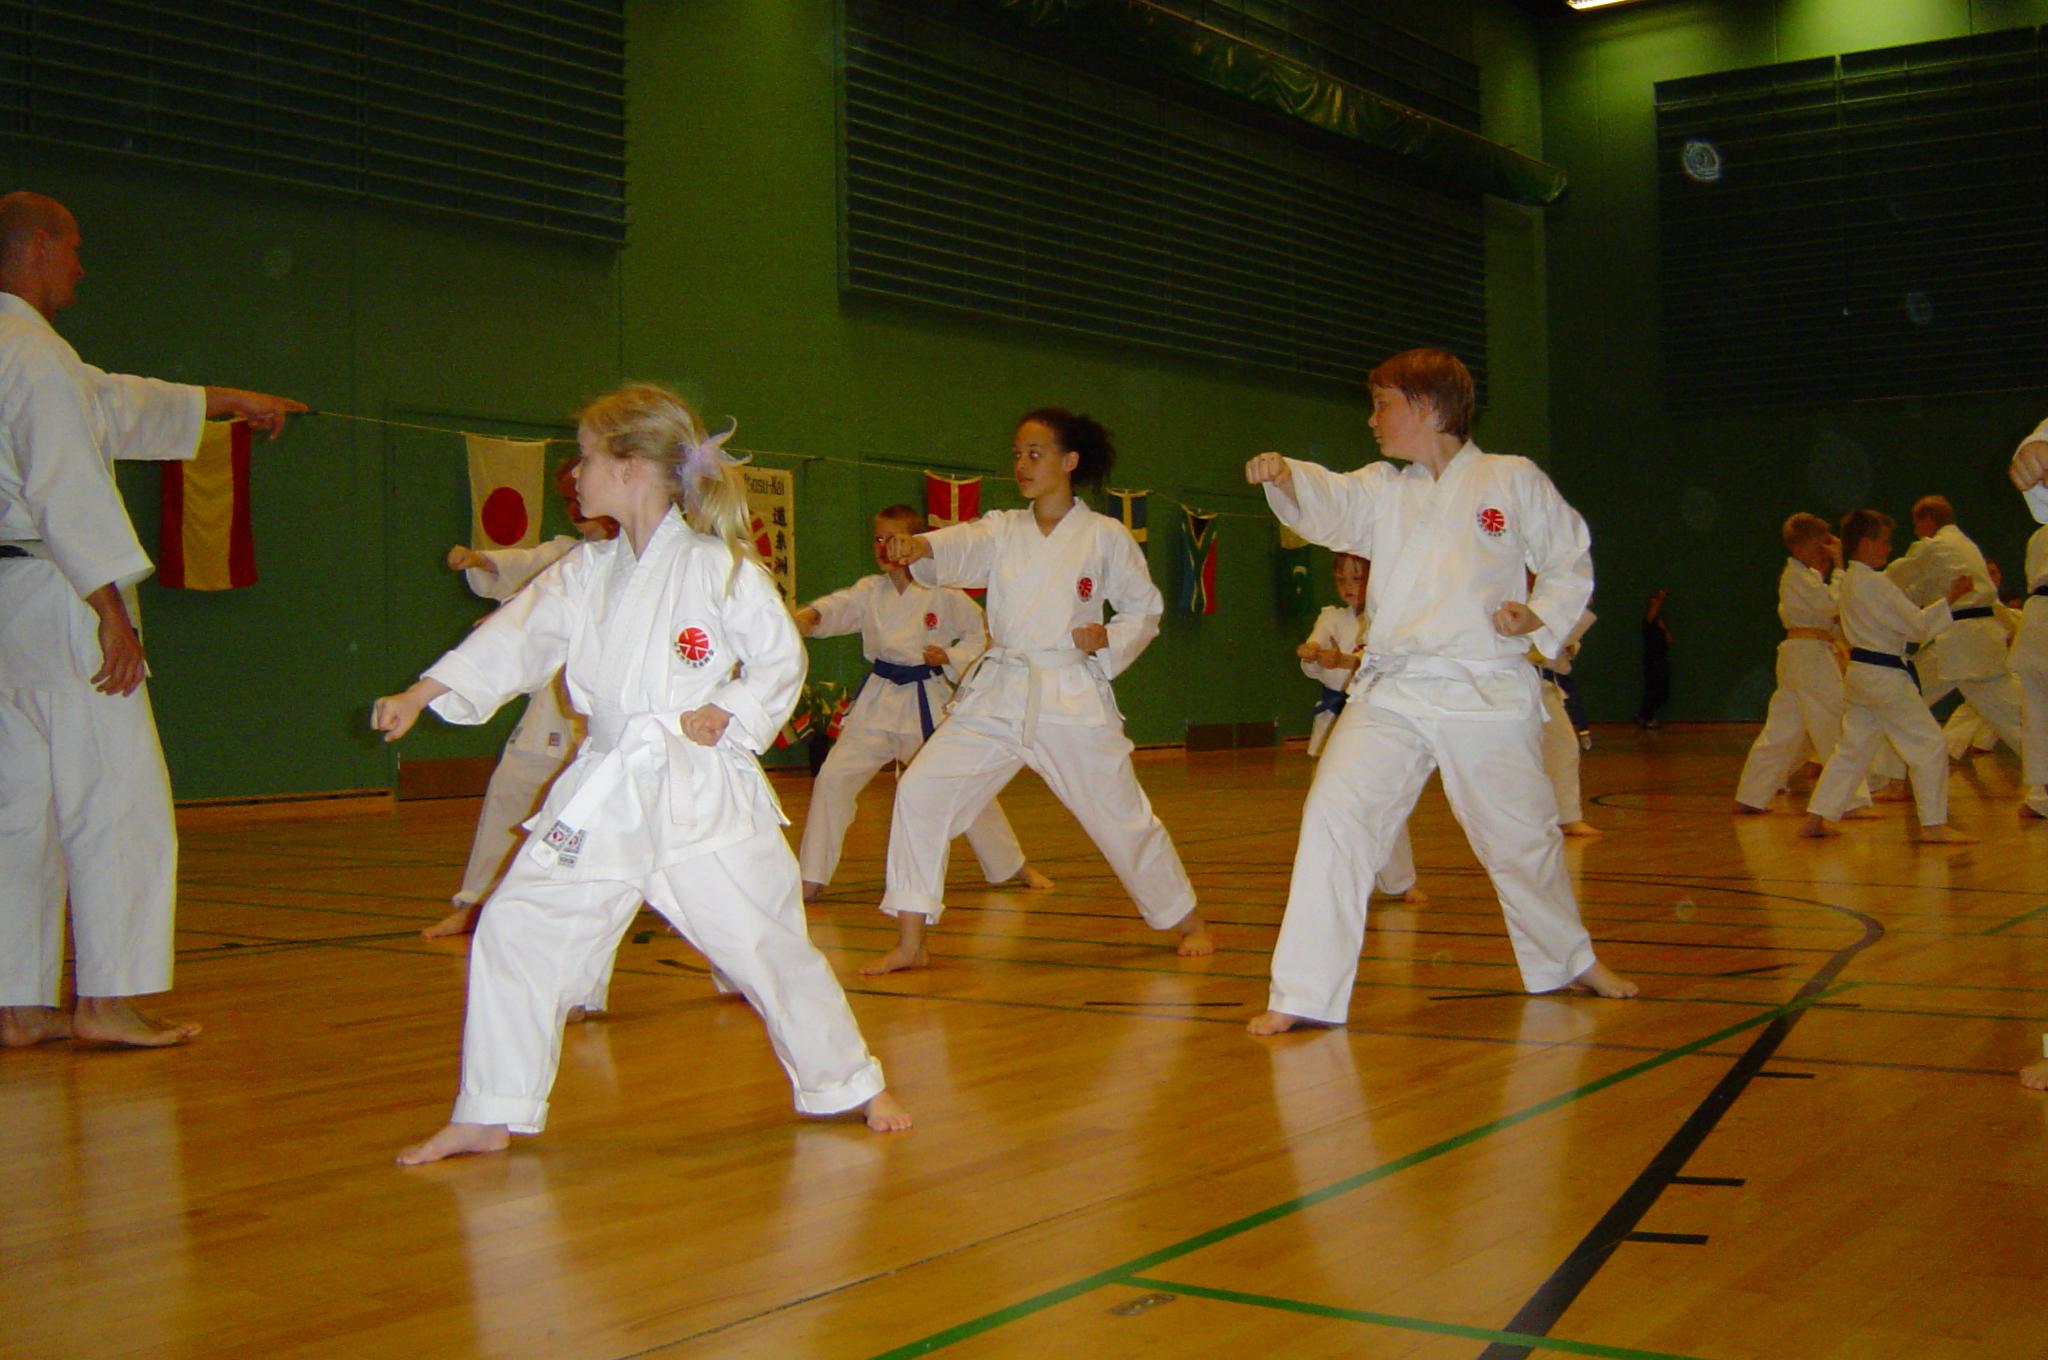 Sakagami sensai seminar 2004 075 (18)